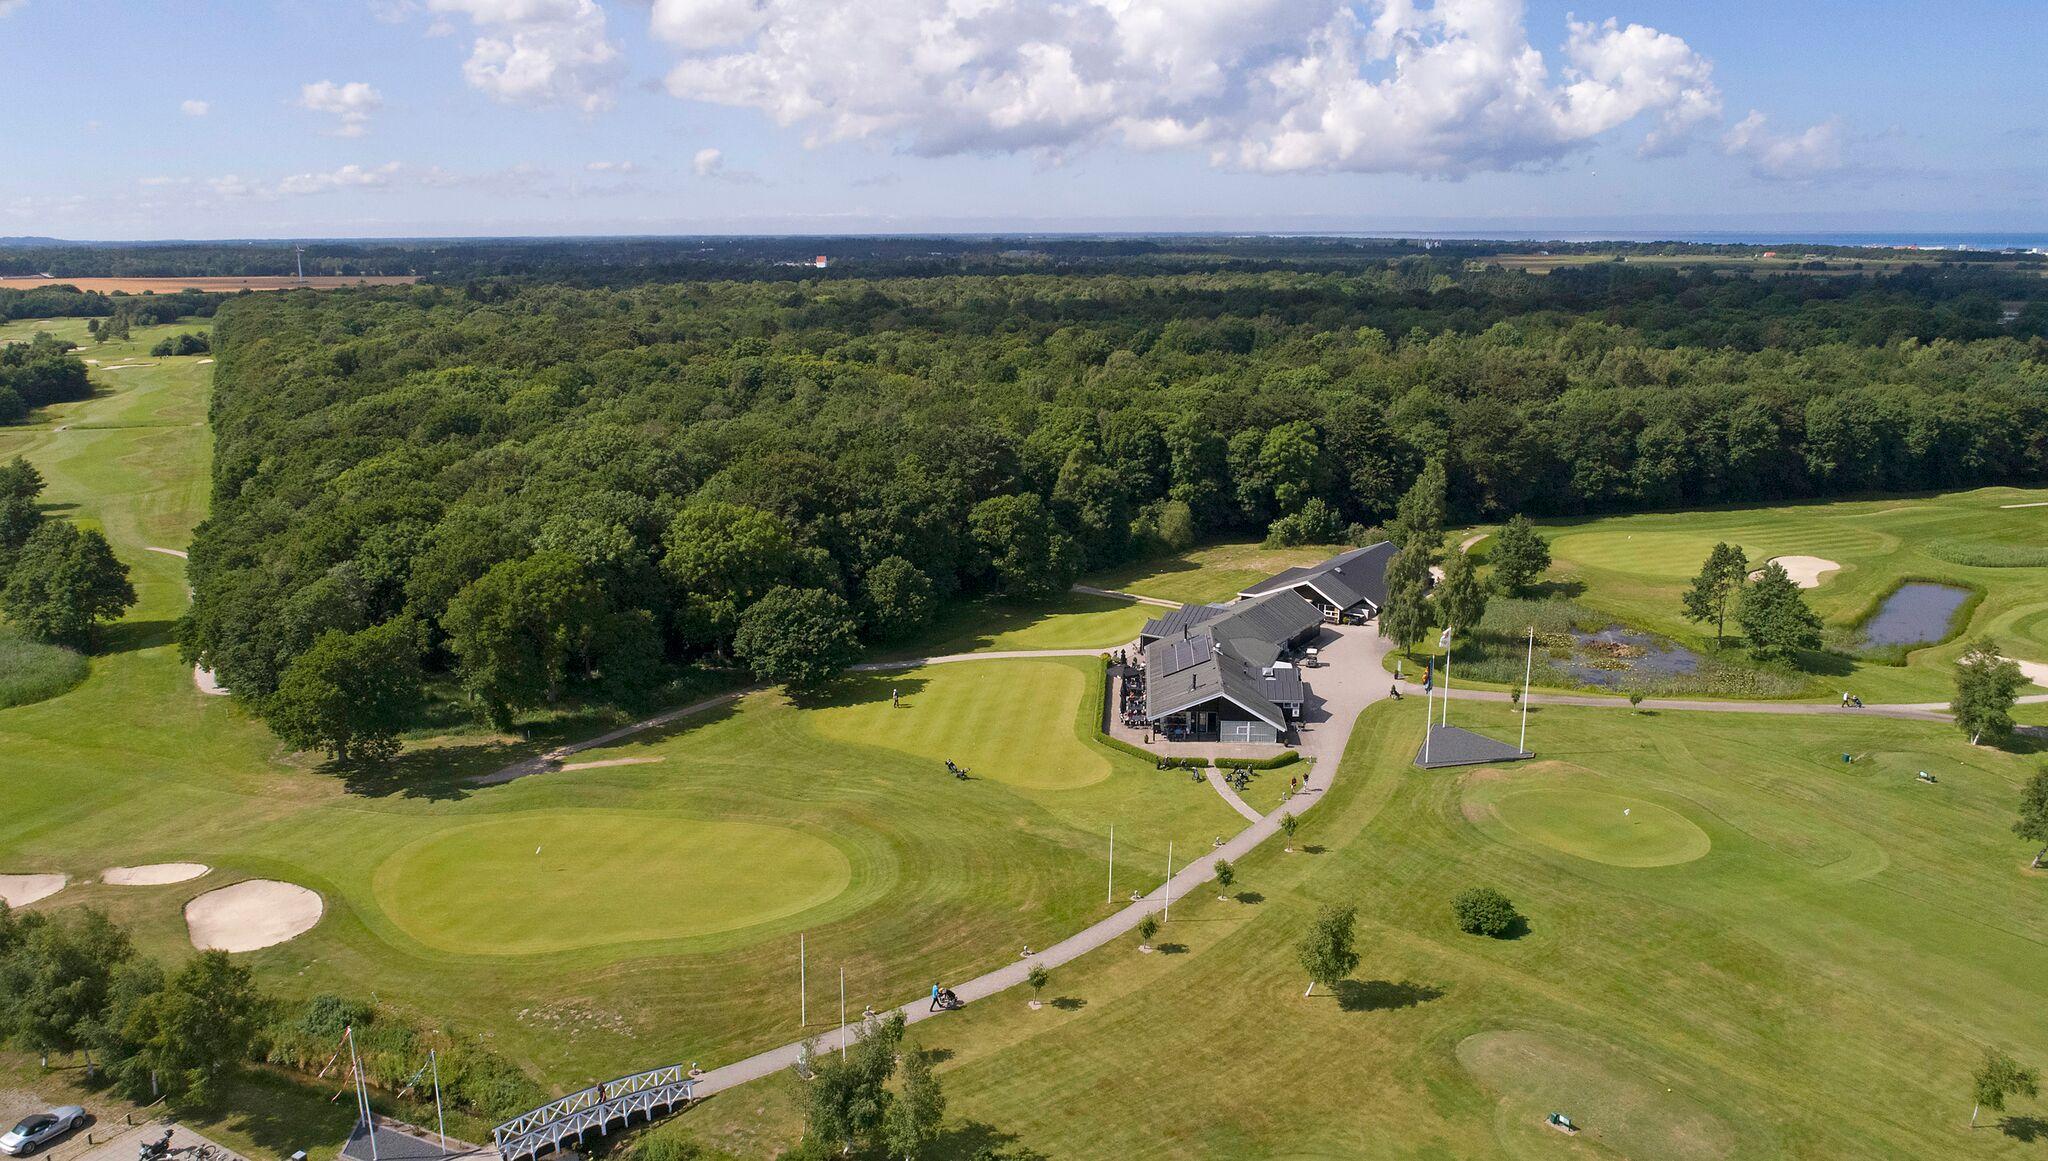 Top golf course Danmark